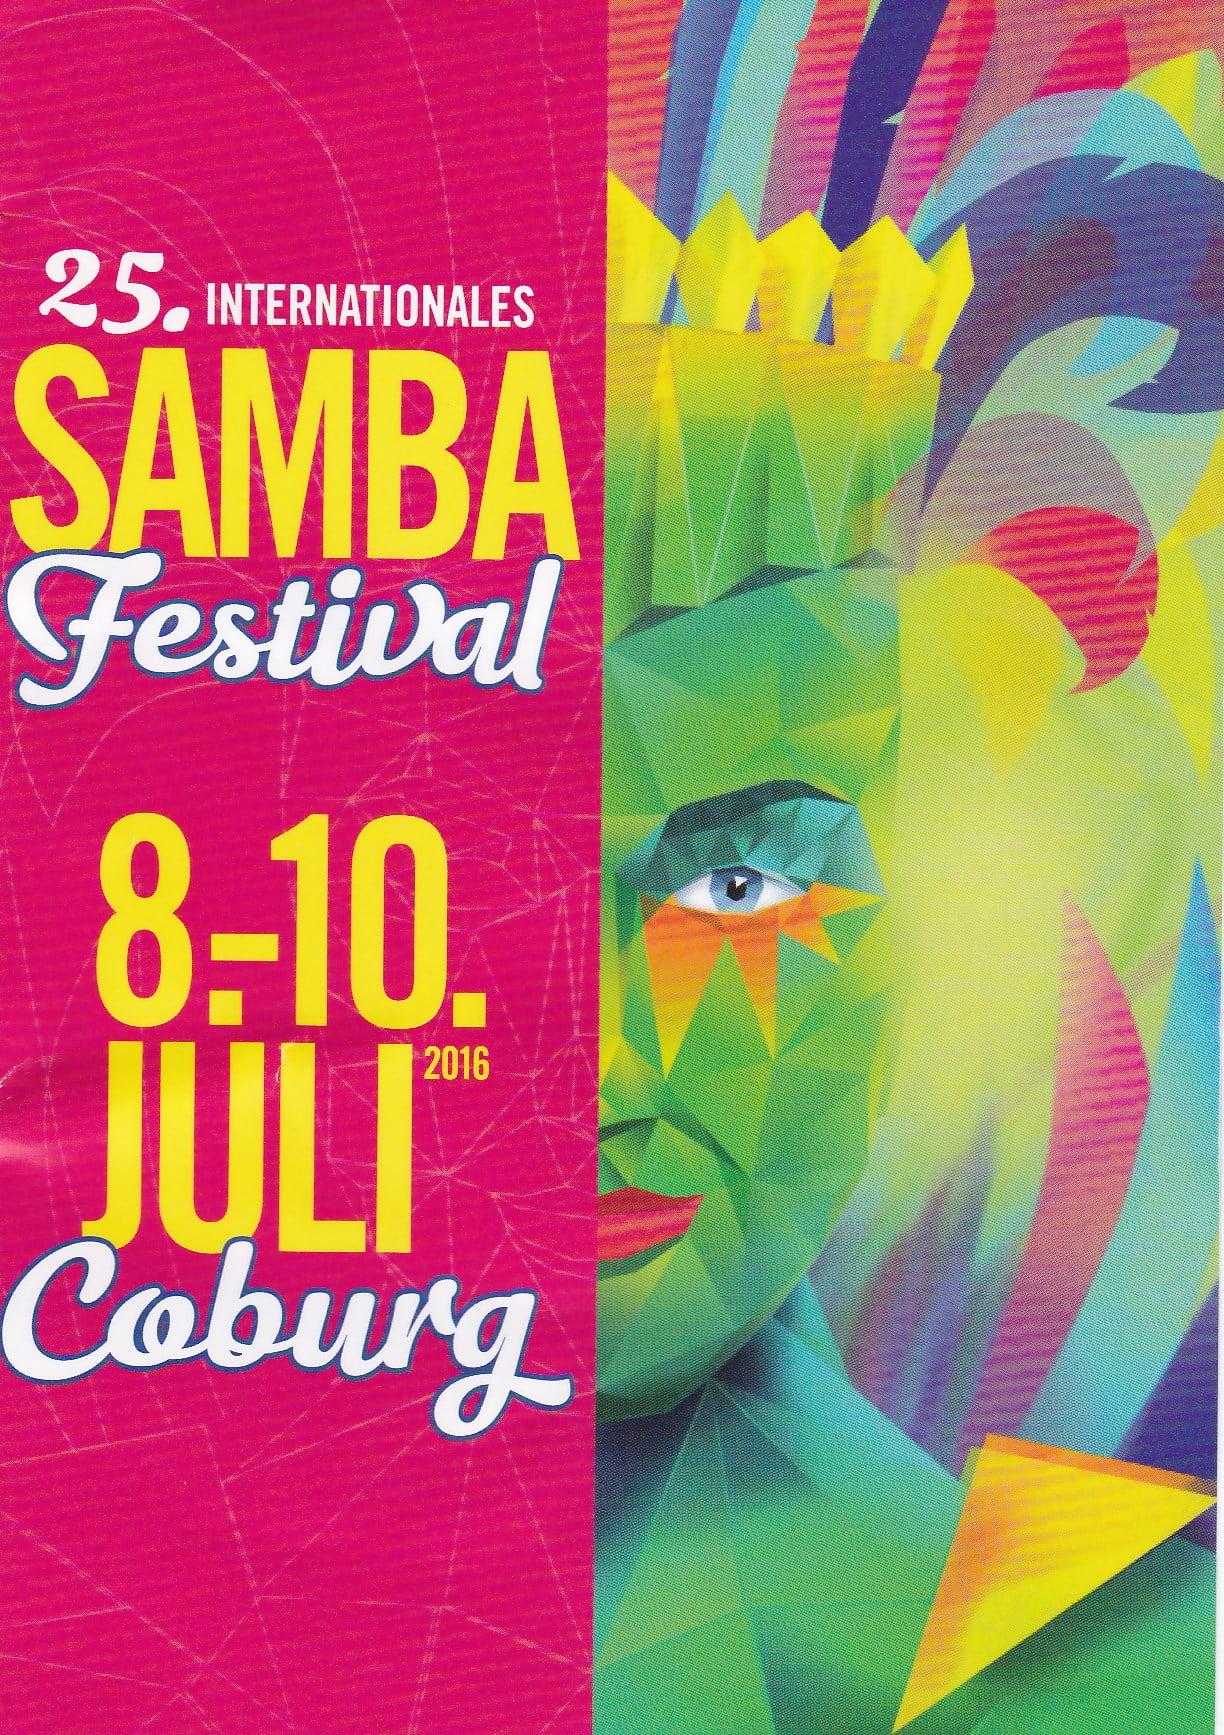 Festival internacional de samba de Coburgo